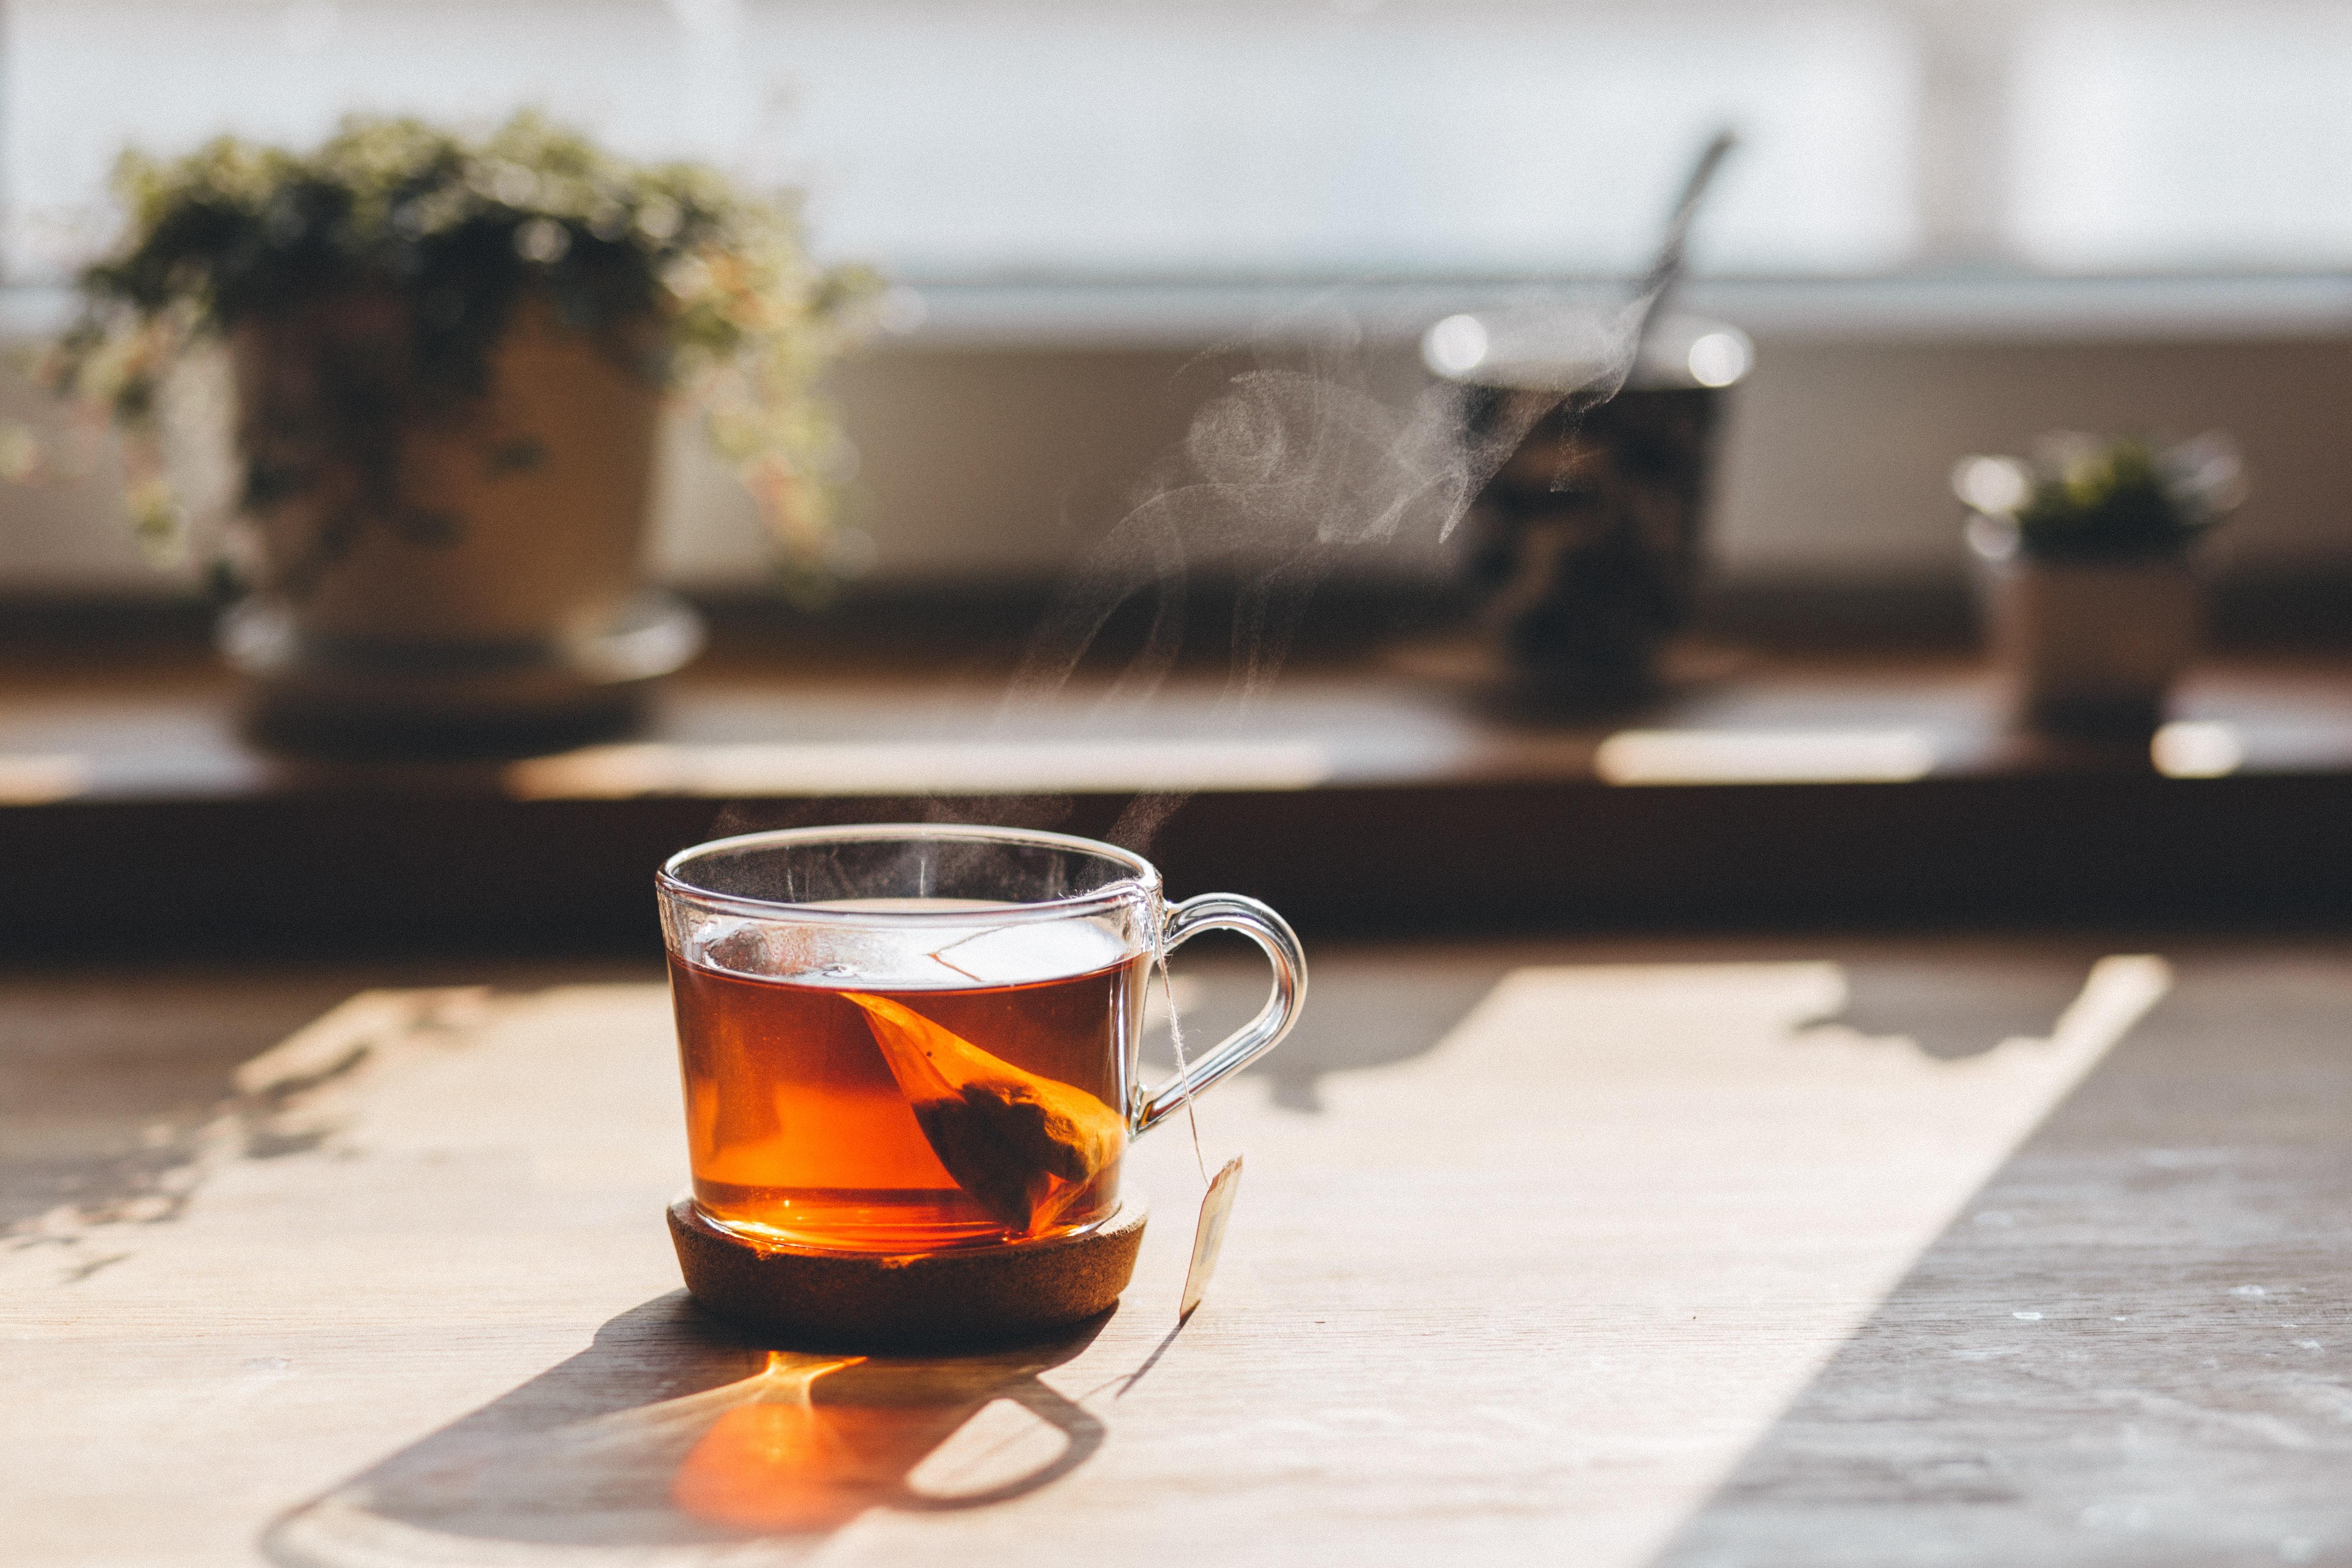 ジャスミン茶を飲む